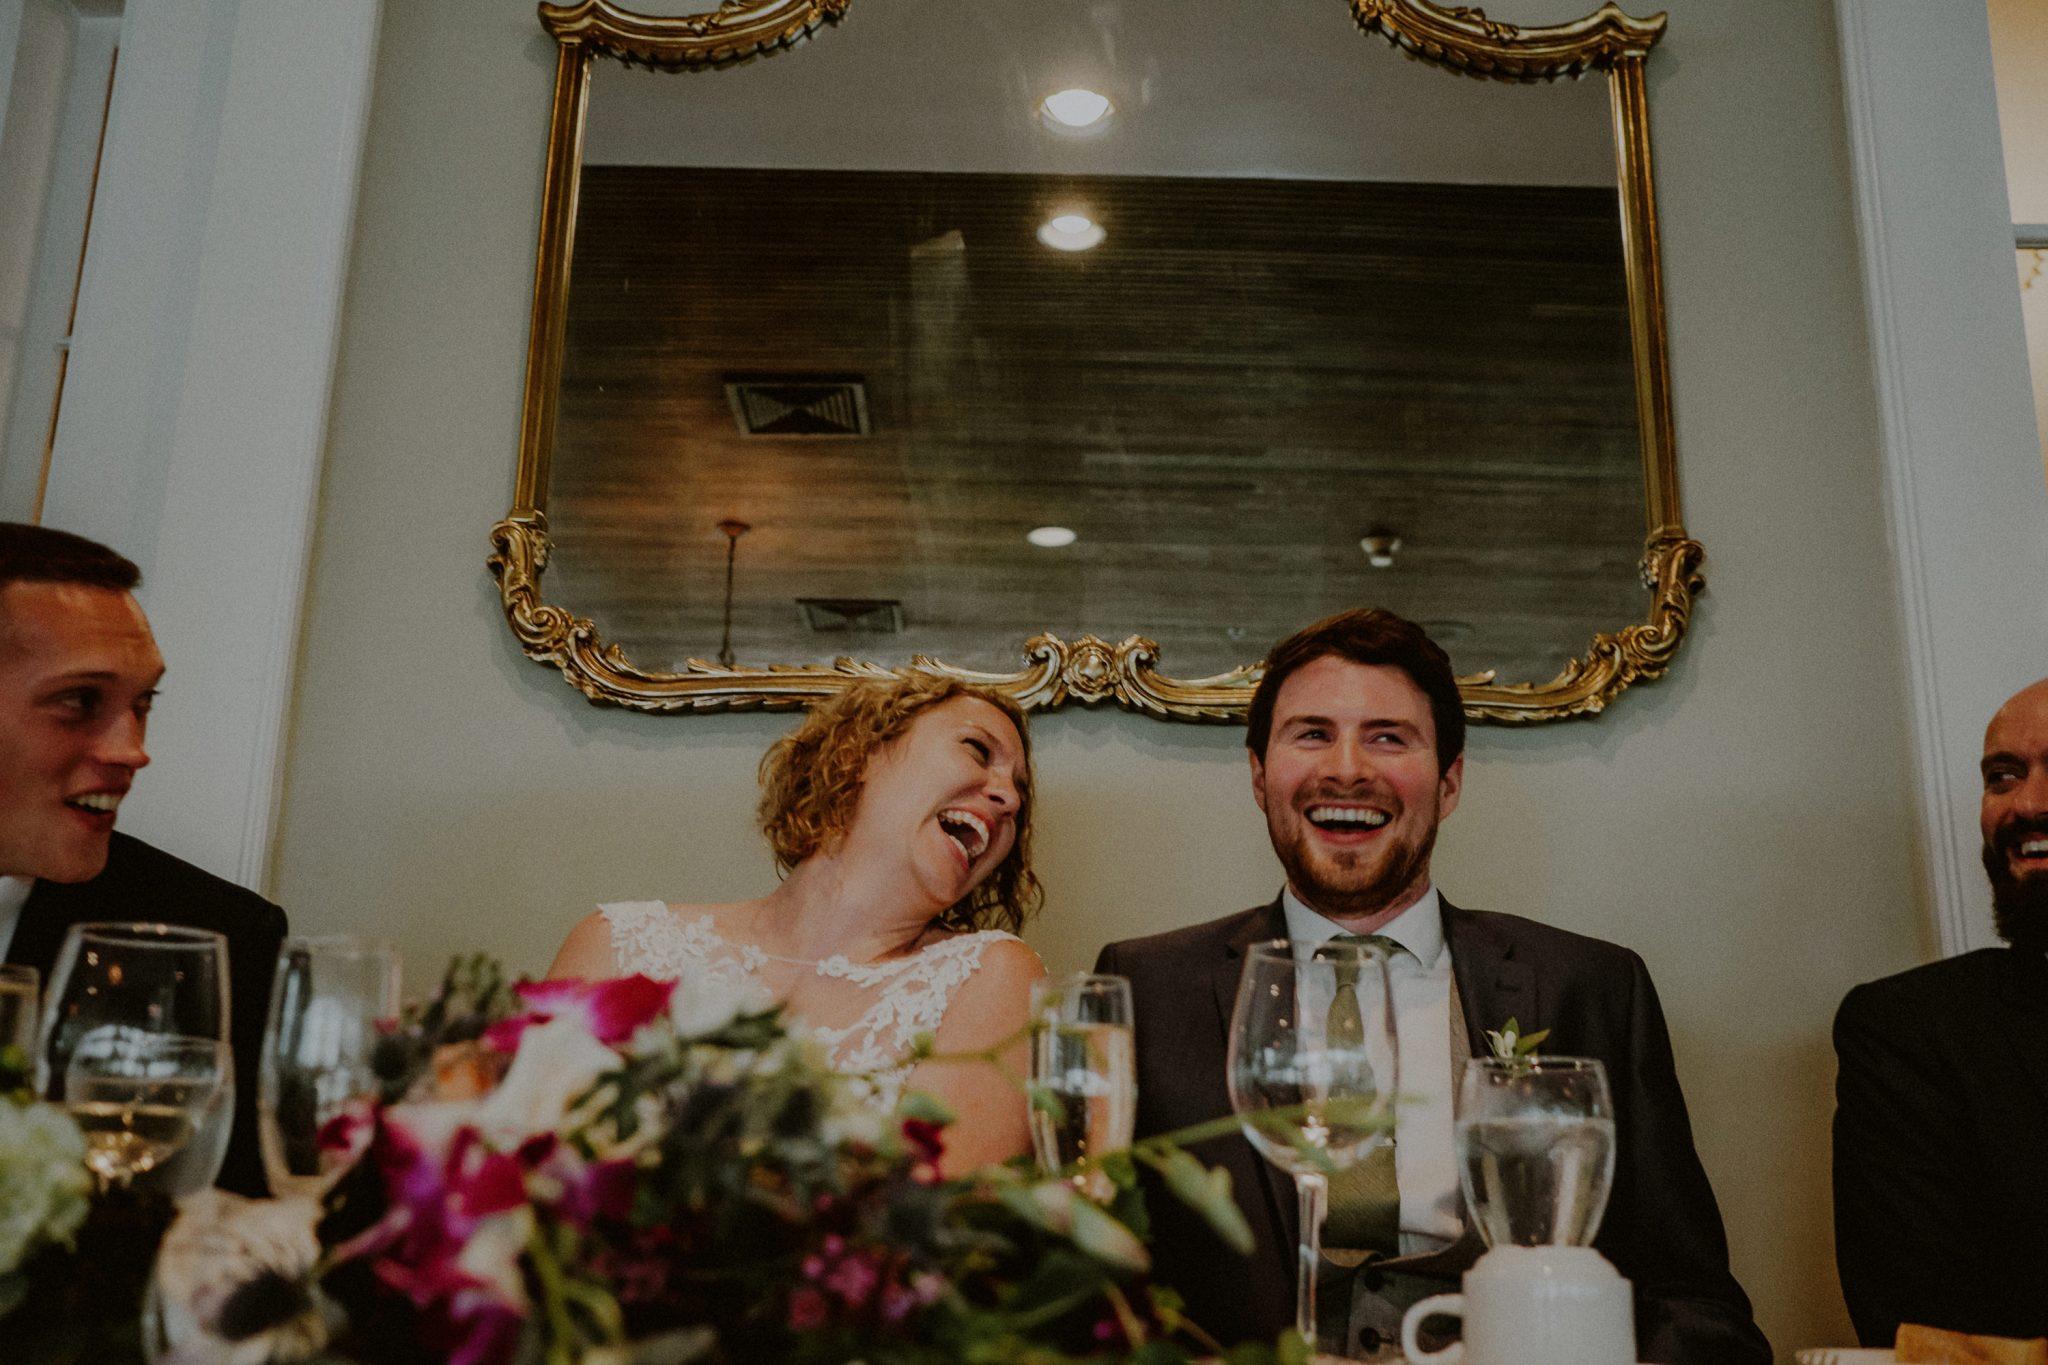 restaurant wedding reception in CT